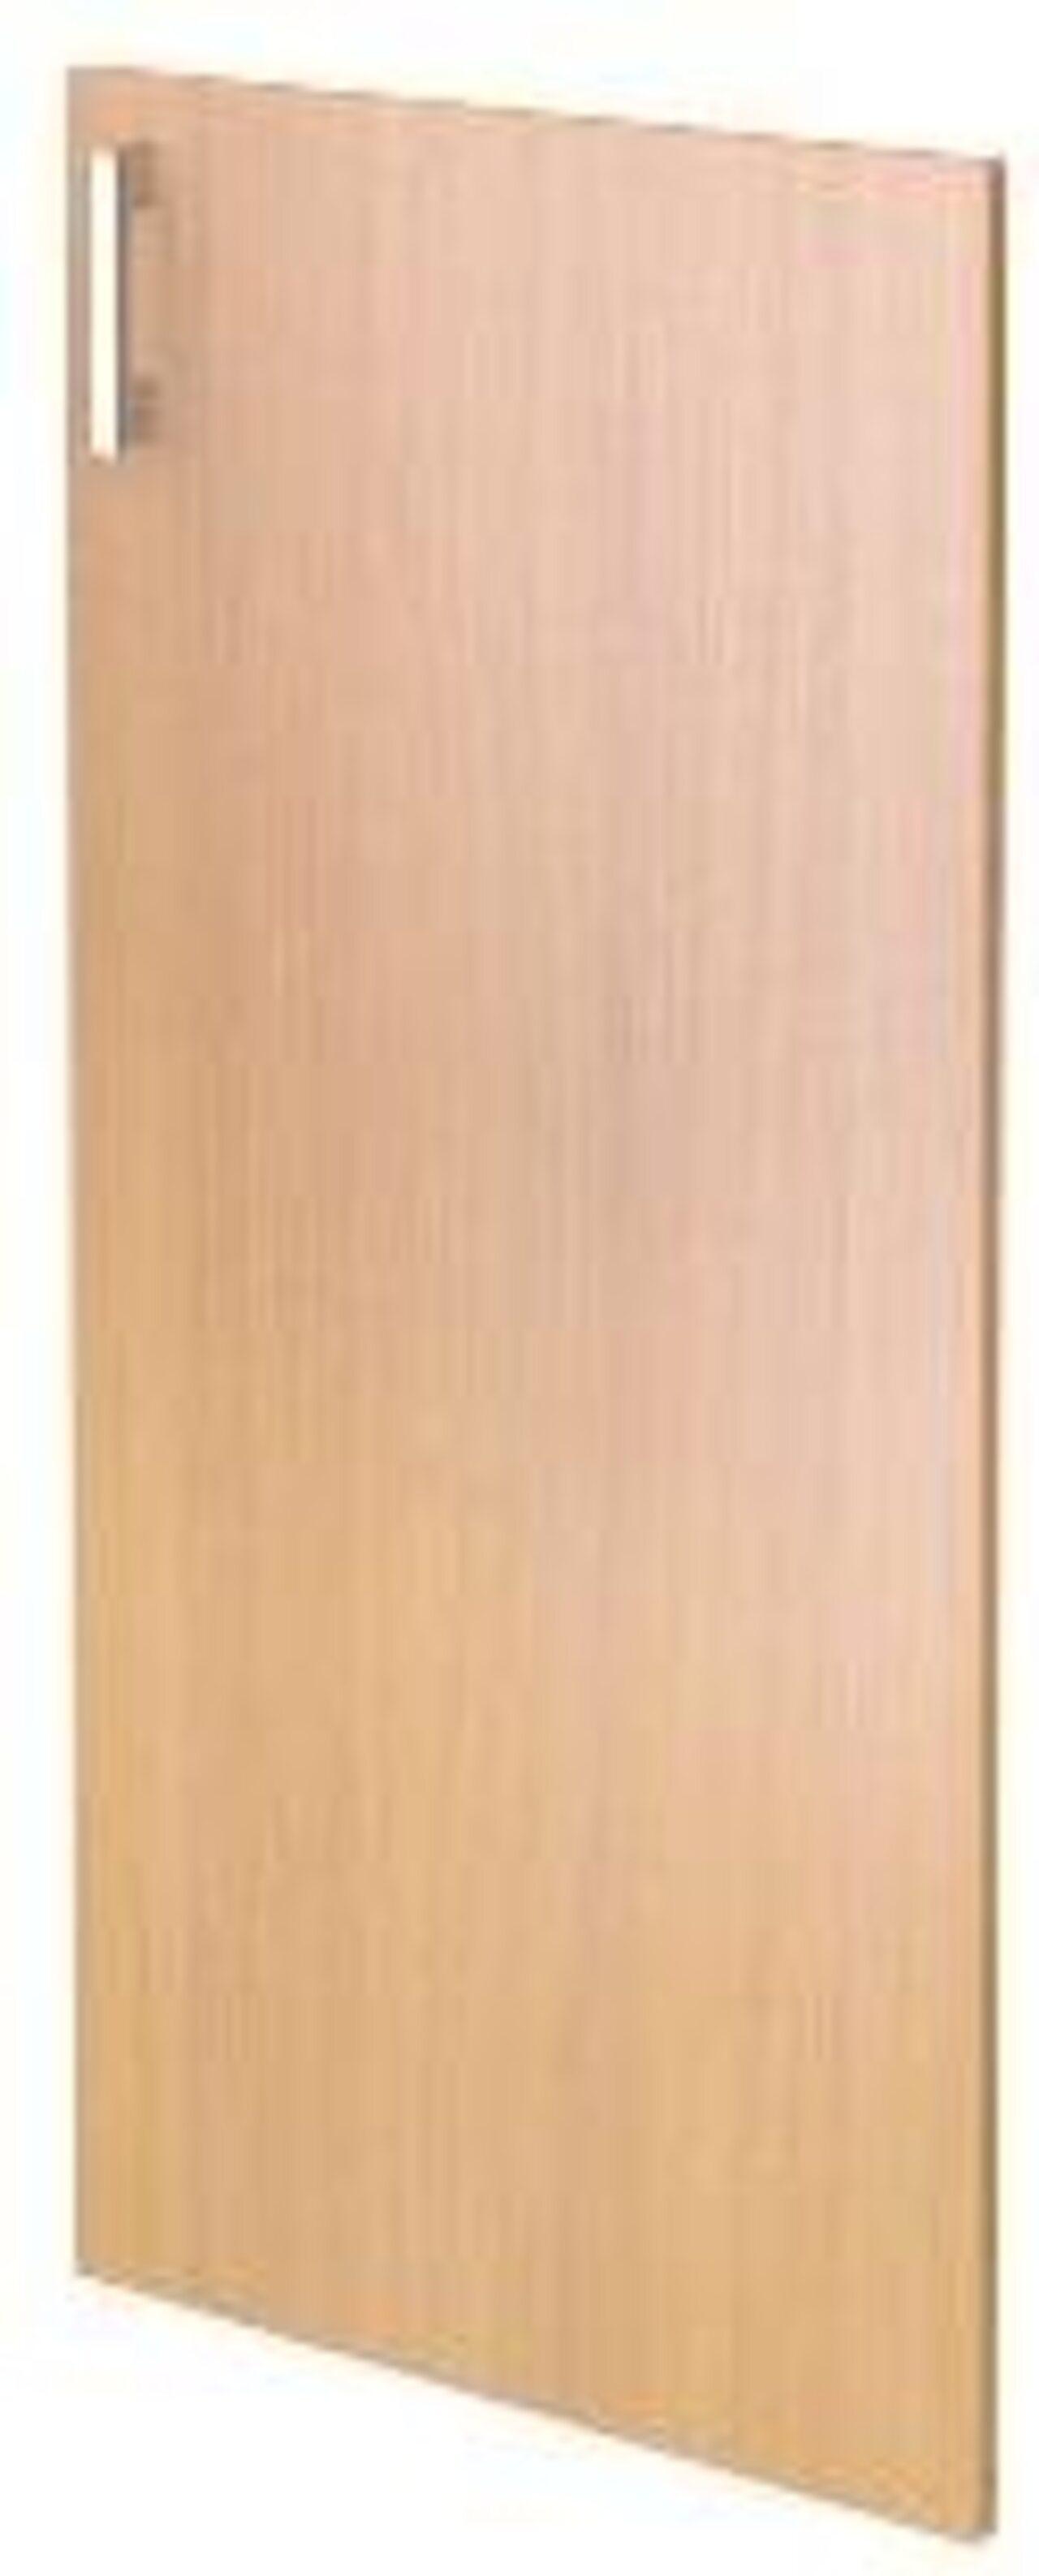 Дверь для узкого стеллажа  Арго 51x2x112 - фото 2